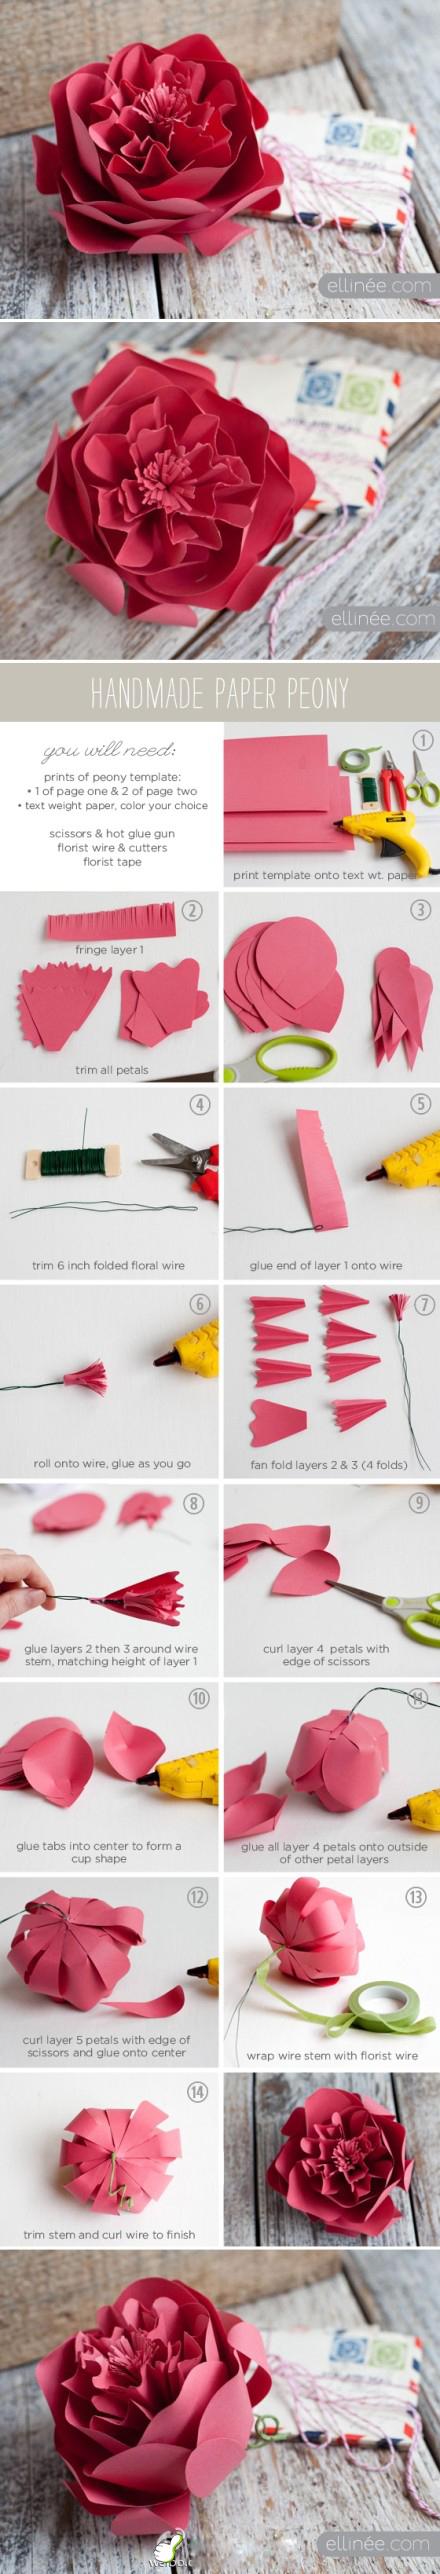 Как делать крупные цветы из бумаги по шаговой инструкции фото